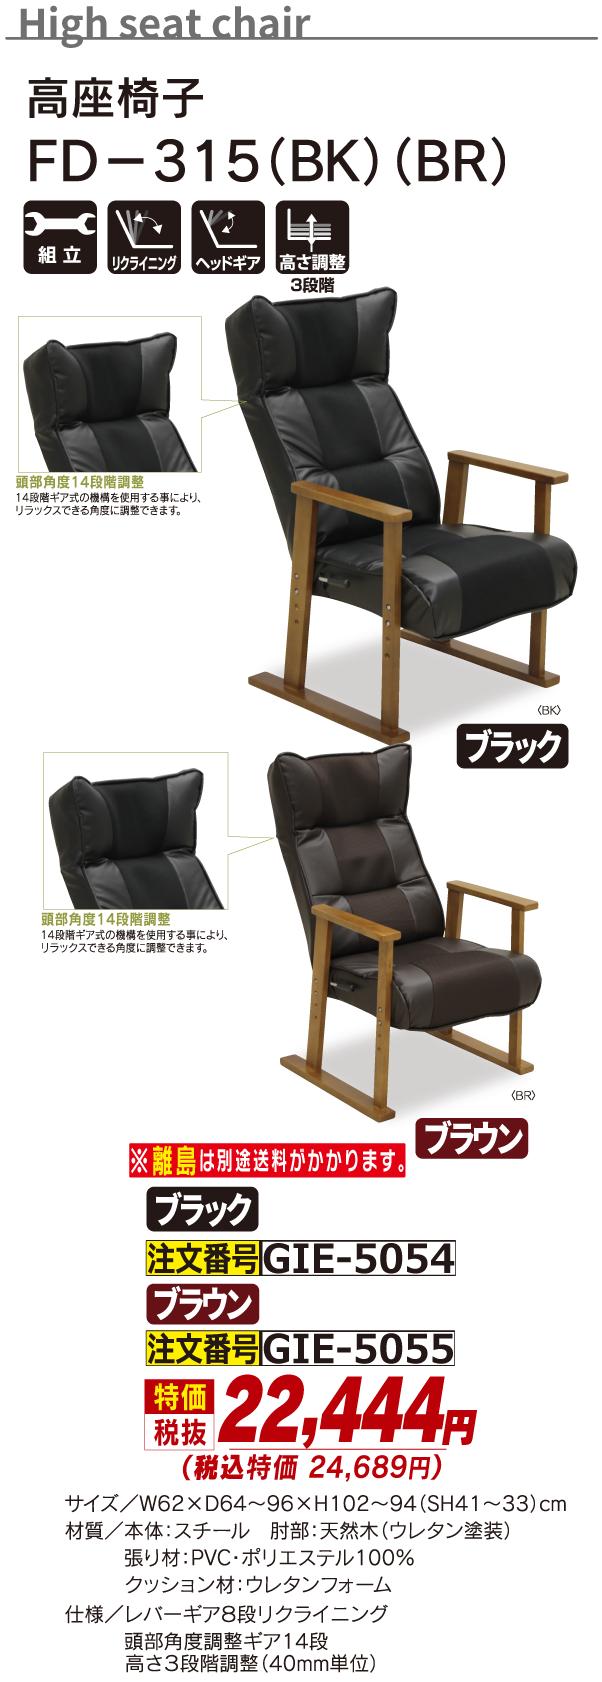 5054_高座椅子_FD-315